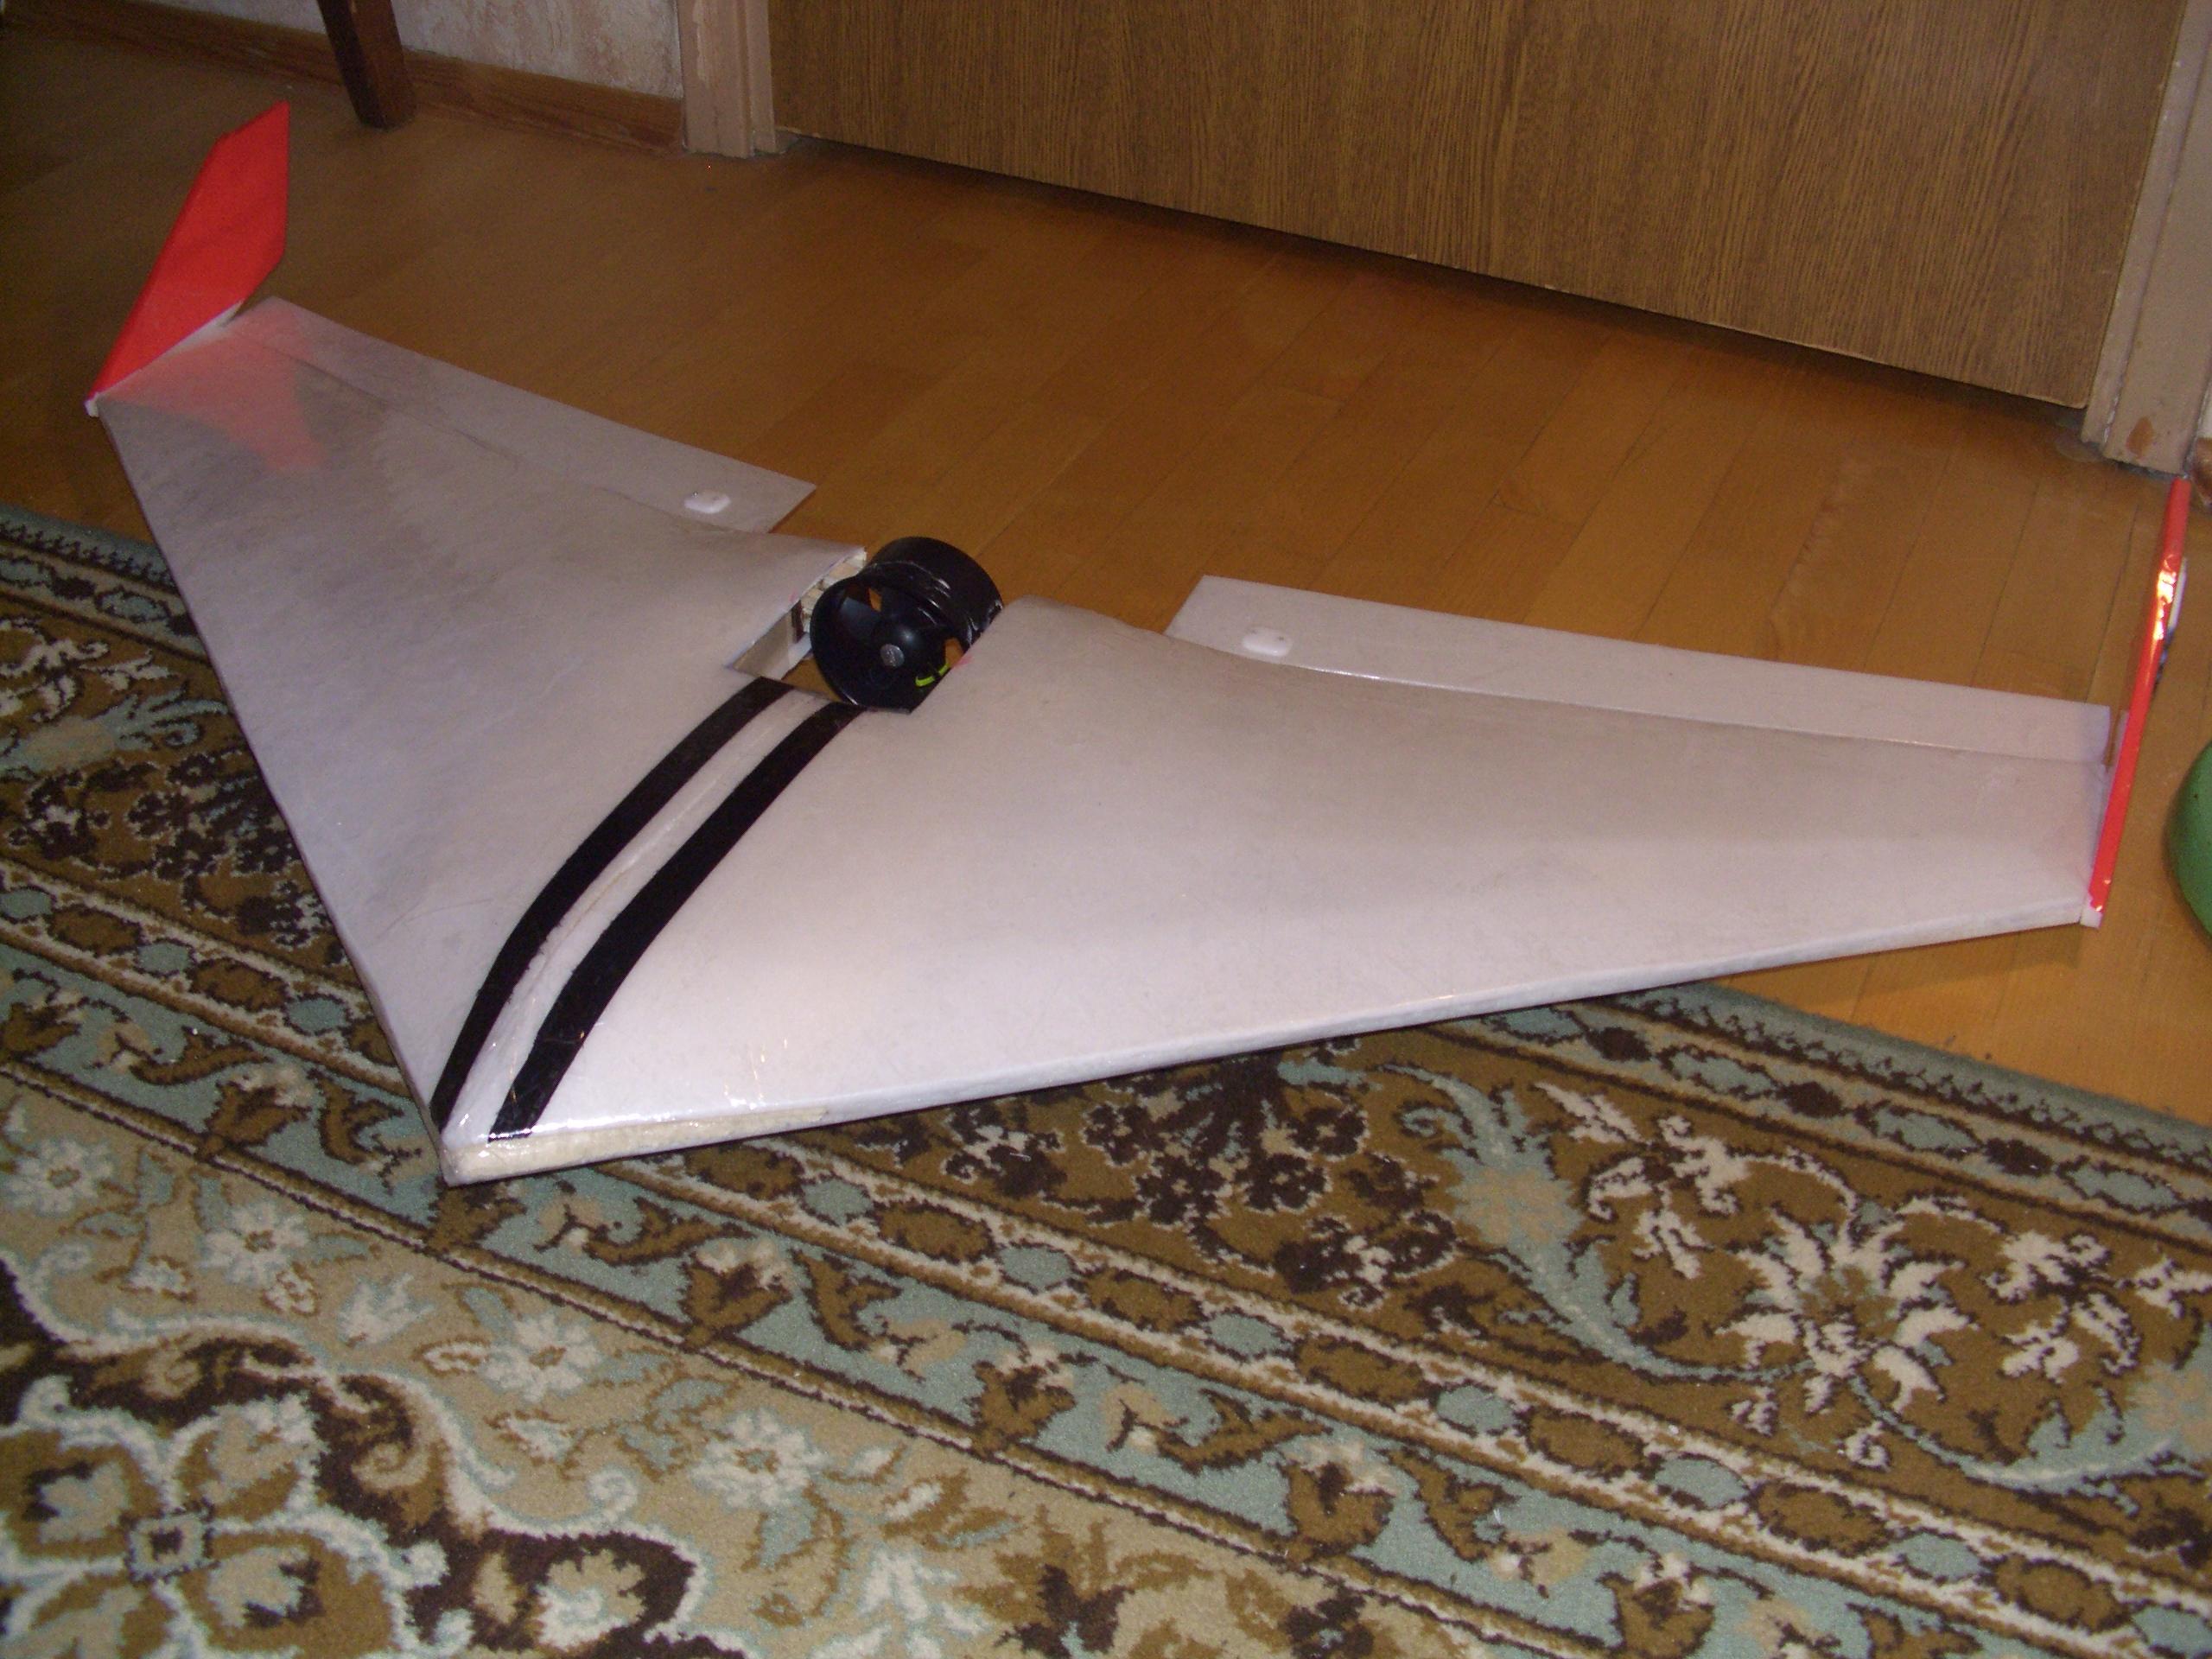 Летающее крыло (бесхвостка) из бумаги Всё самое интересное! 71